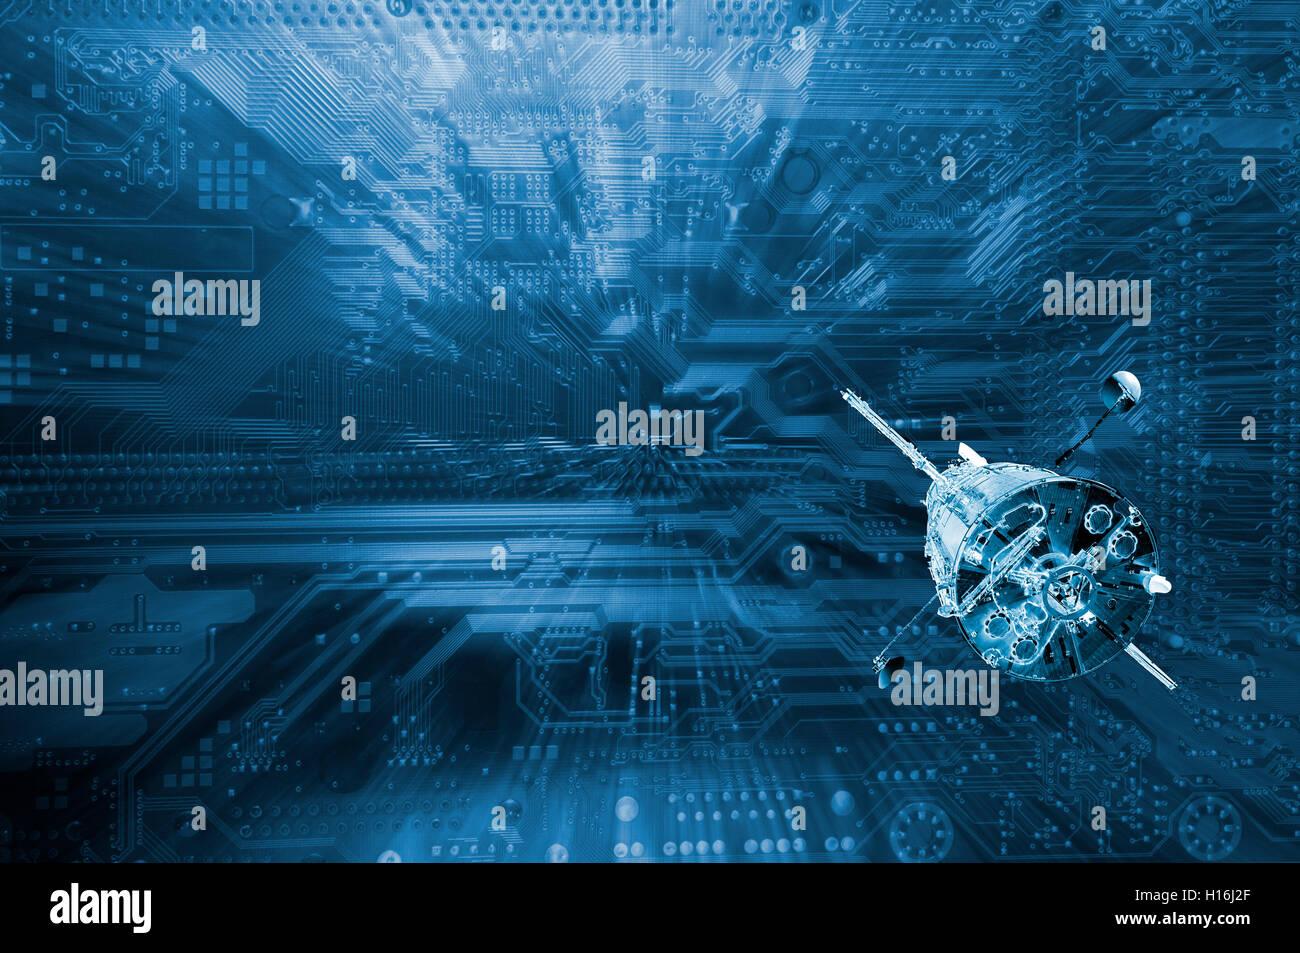 Explorar computarizado satélite en el espacio ultraterrestre Imagen De Stock